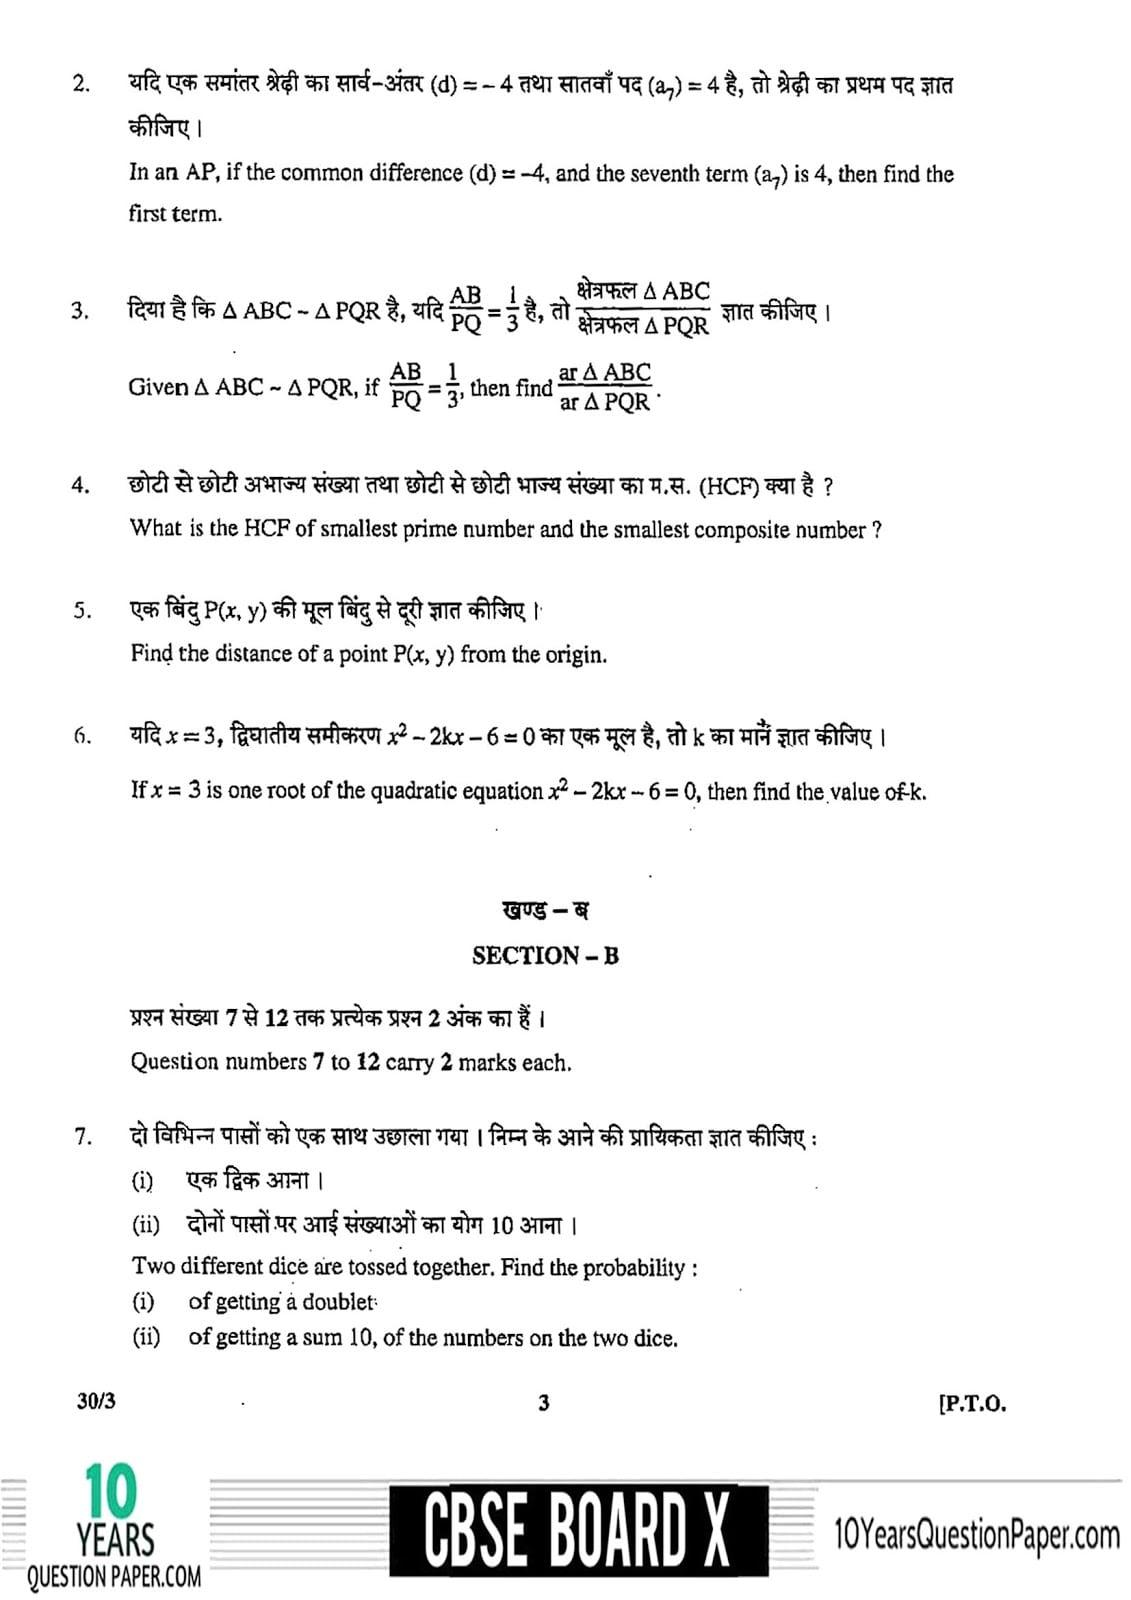 CBSE 2018 Mathematics Question Paper for Class 10